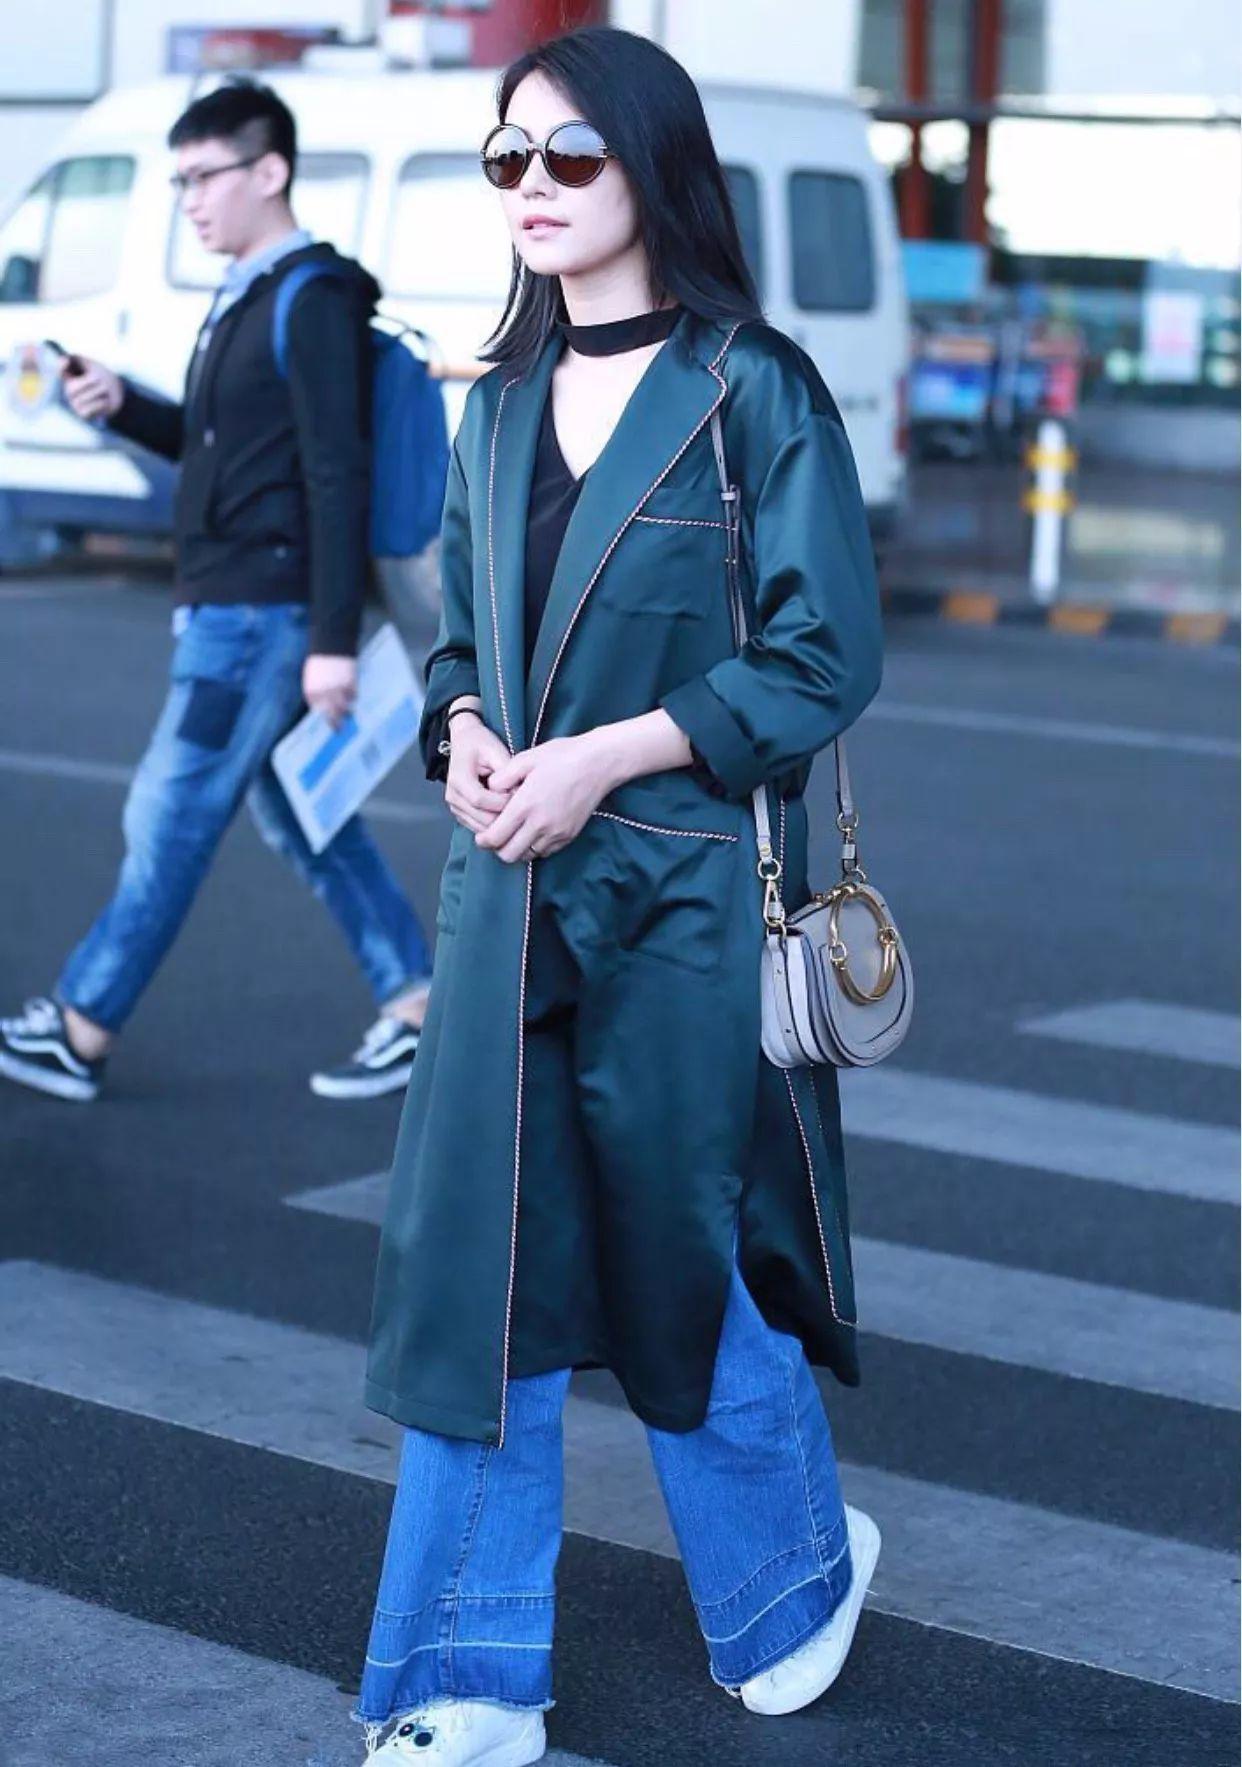 阔腿牛仔裤_长大衣+阔腿裤,时髦又高级的最佳秋装搭配!_时尚_环球网